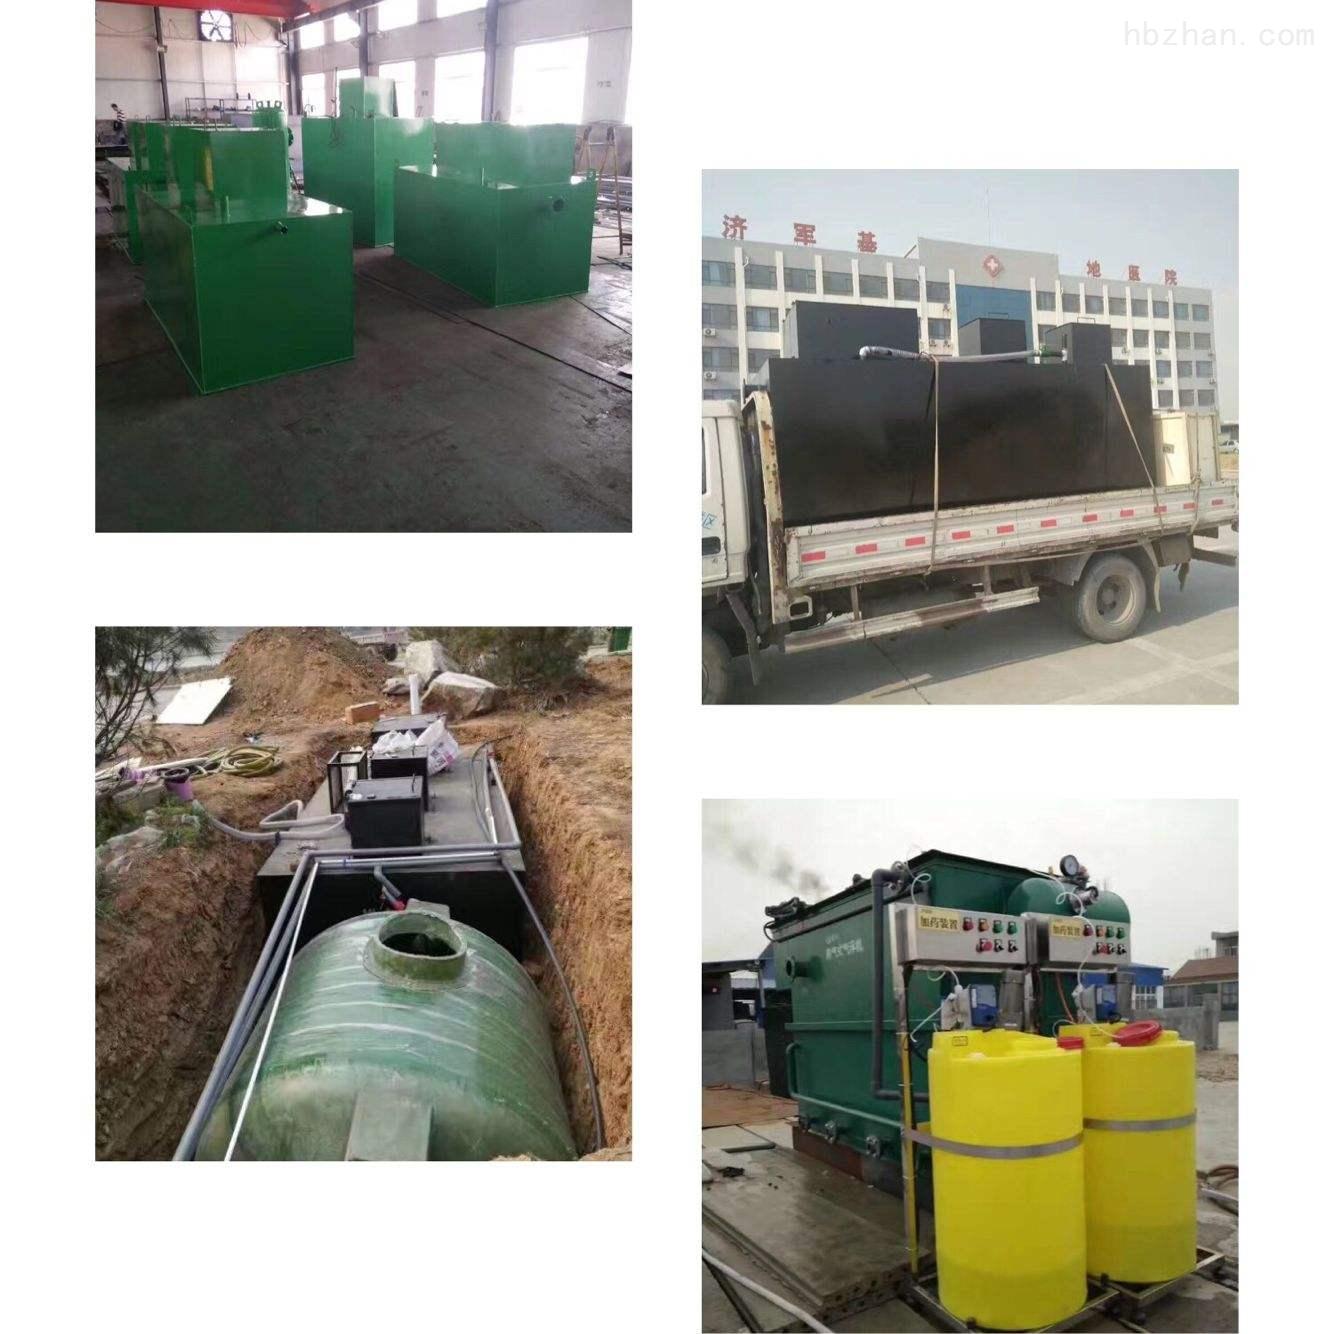 淮安大学宿舍污水处理设备